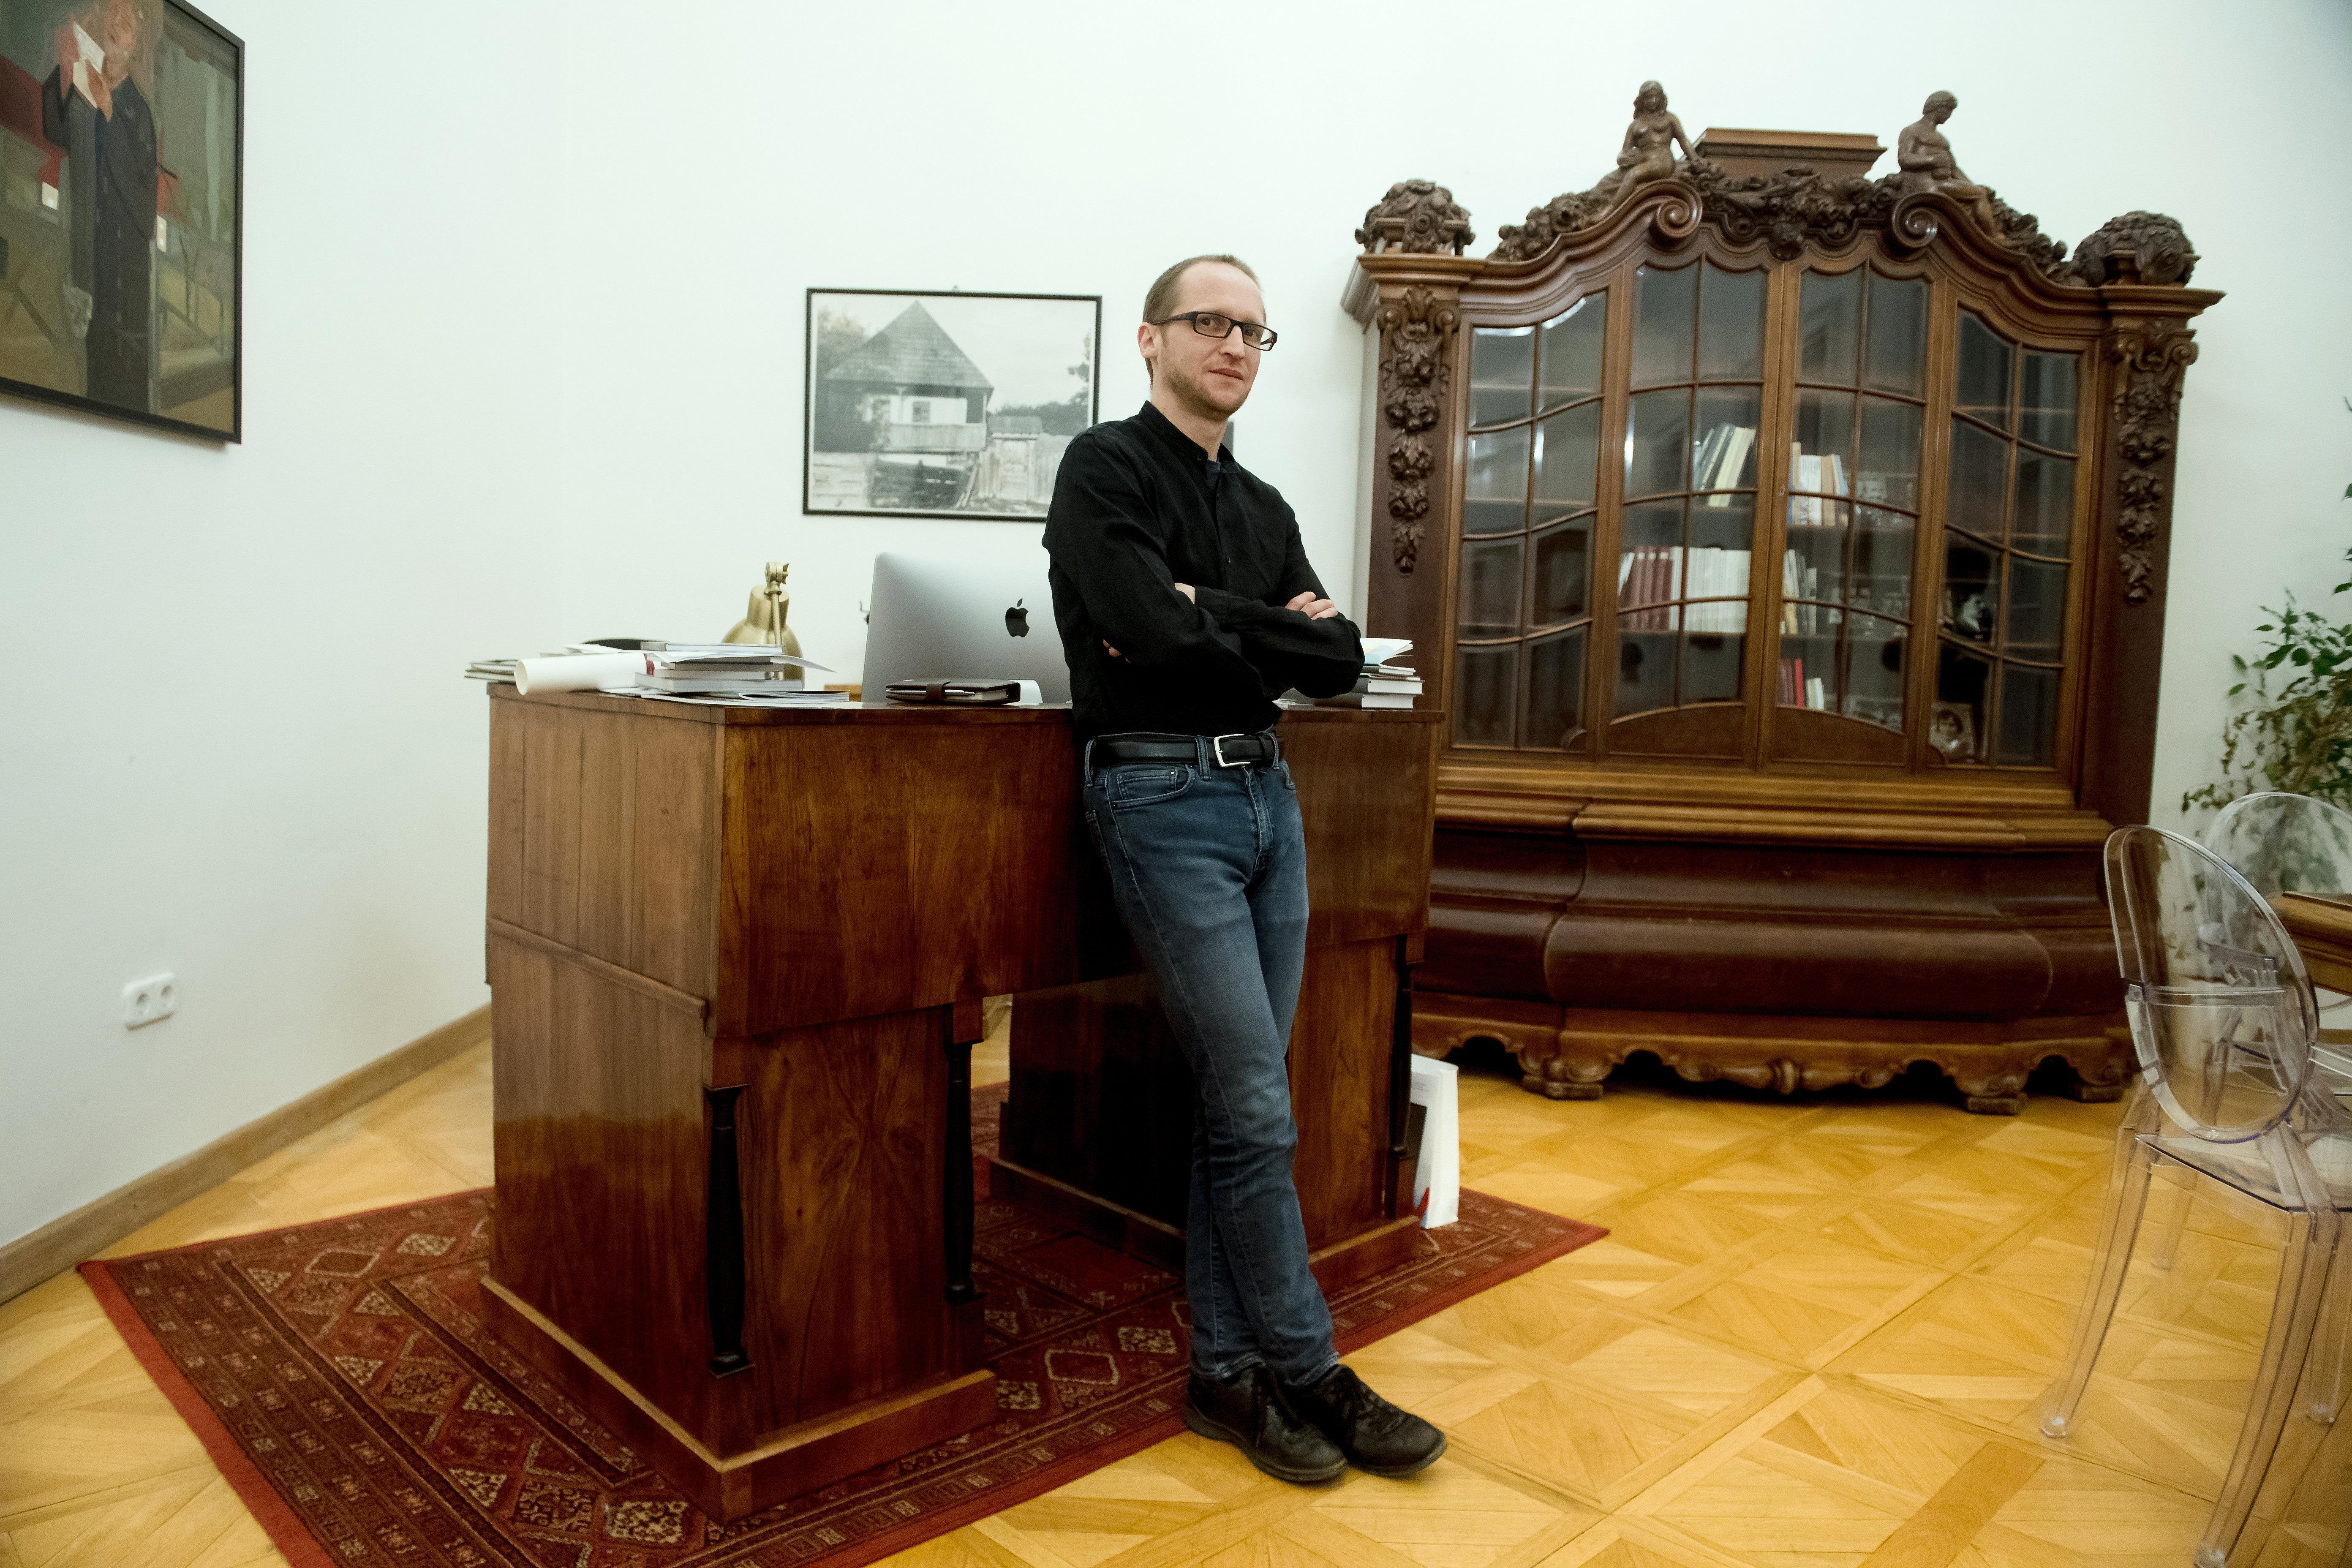 19 millió forintos ösztöndíj forgatja fel a magyar irodalmi életet